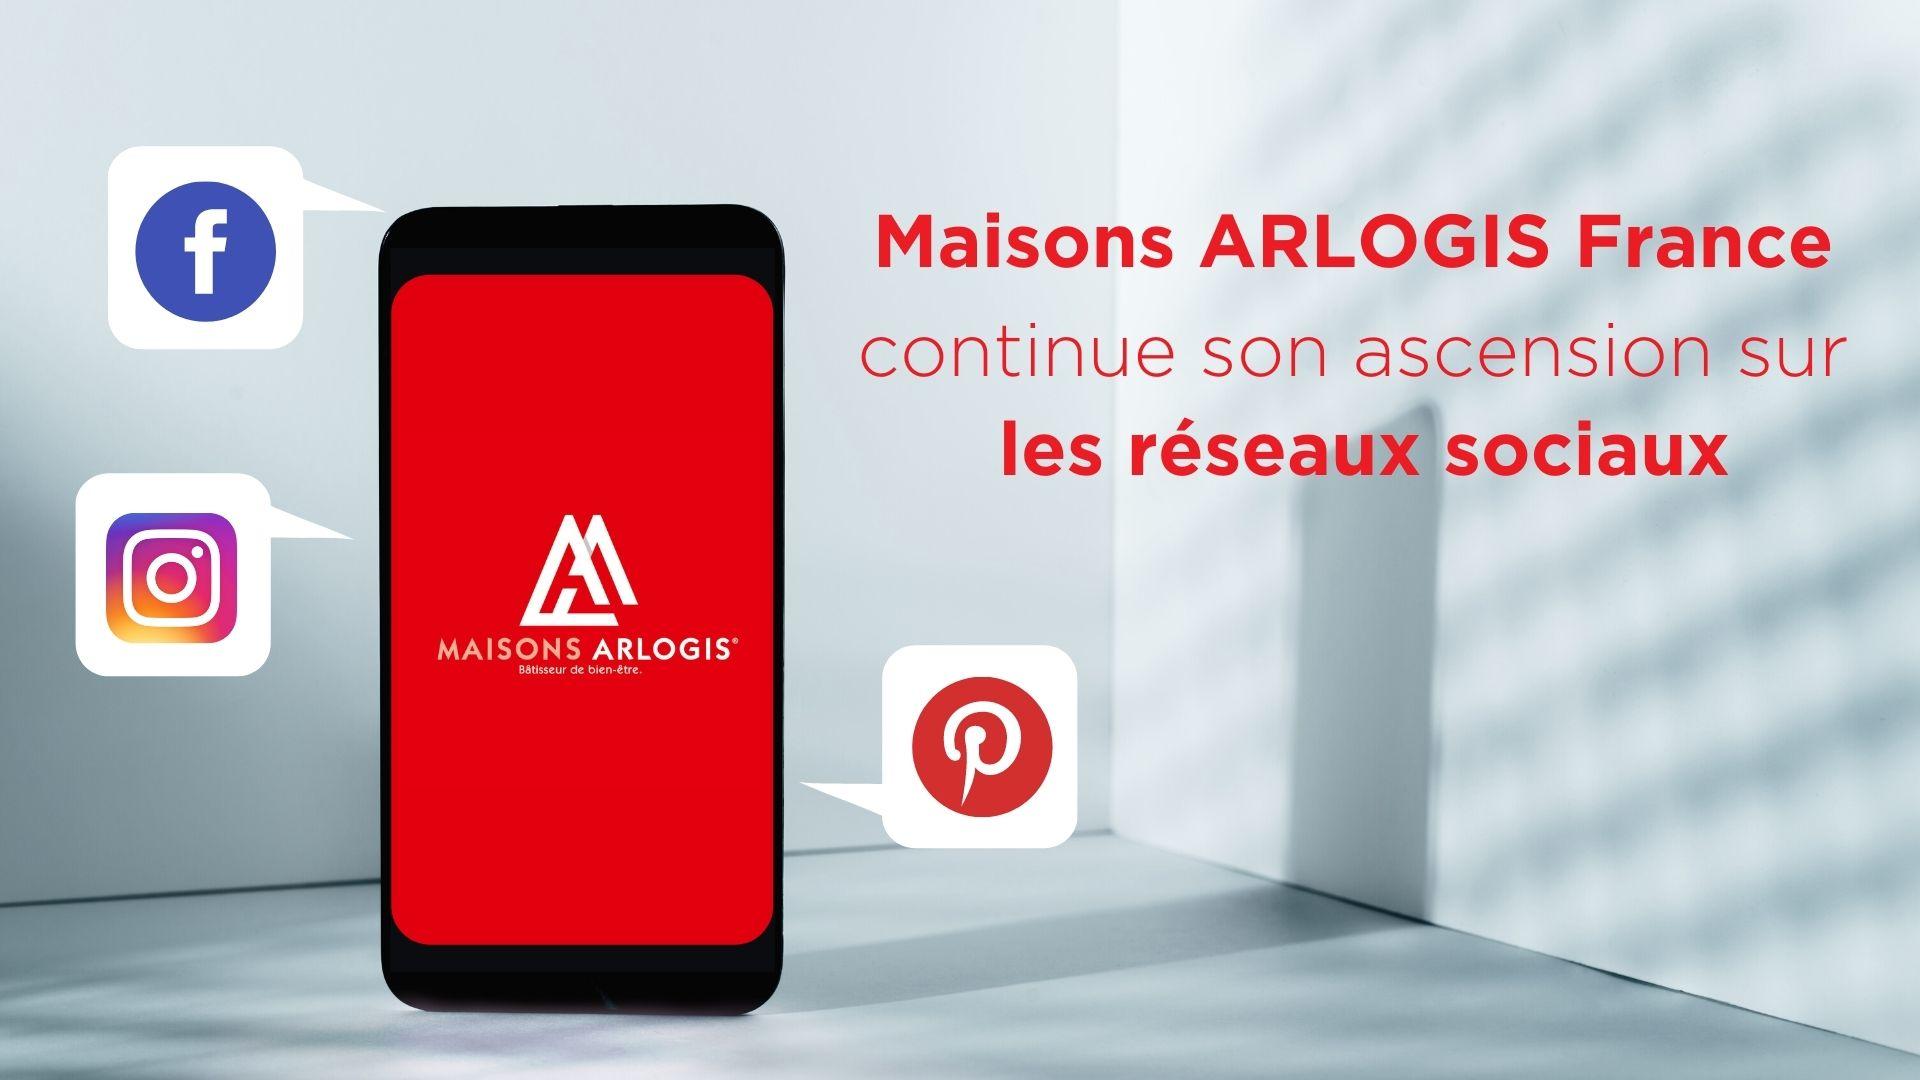 Maisons ARLOGIS France continue son ascension sur les réseaux sociaux